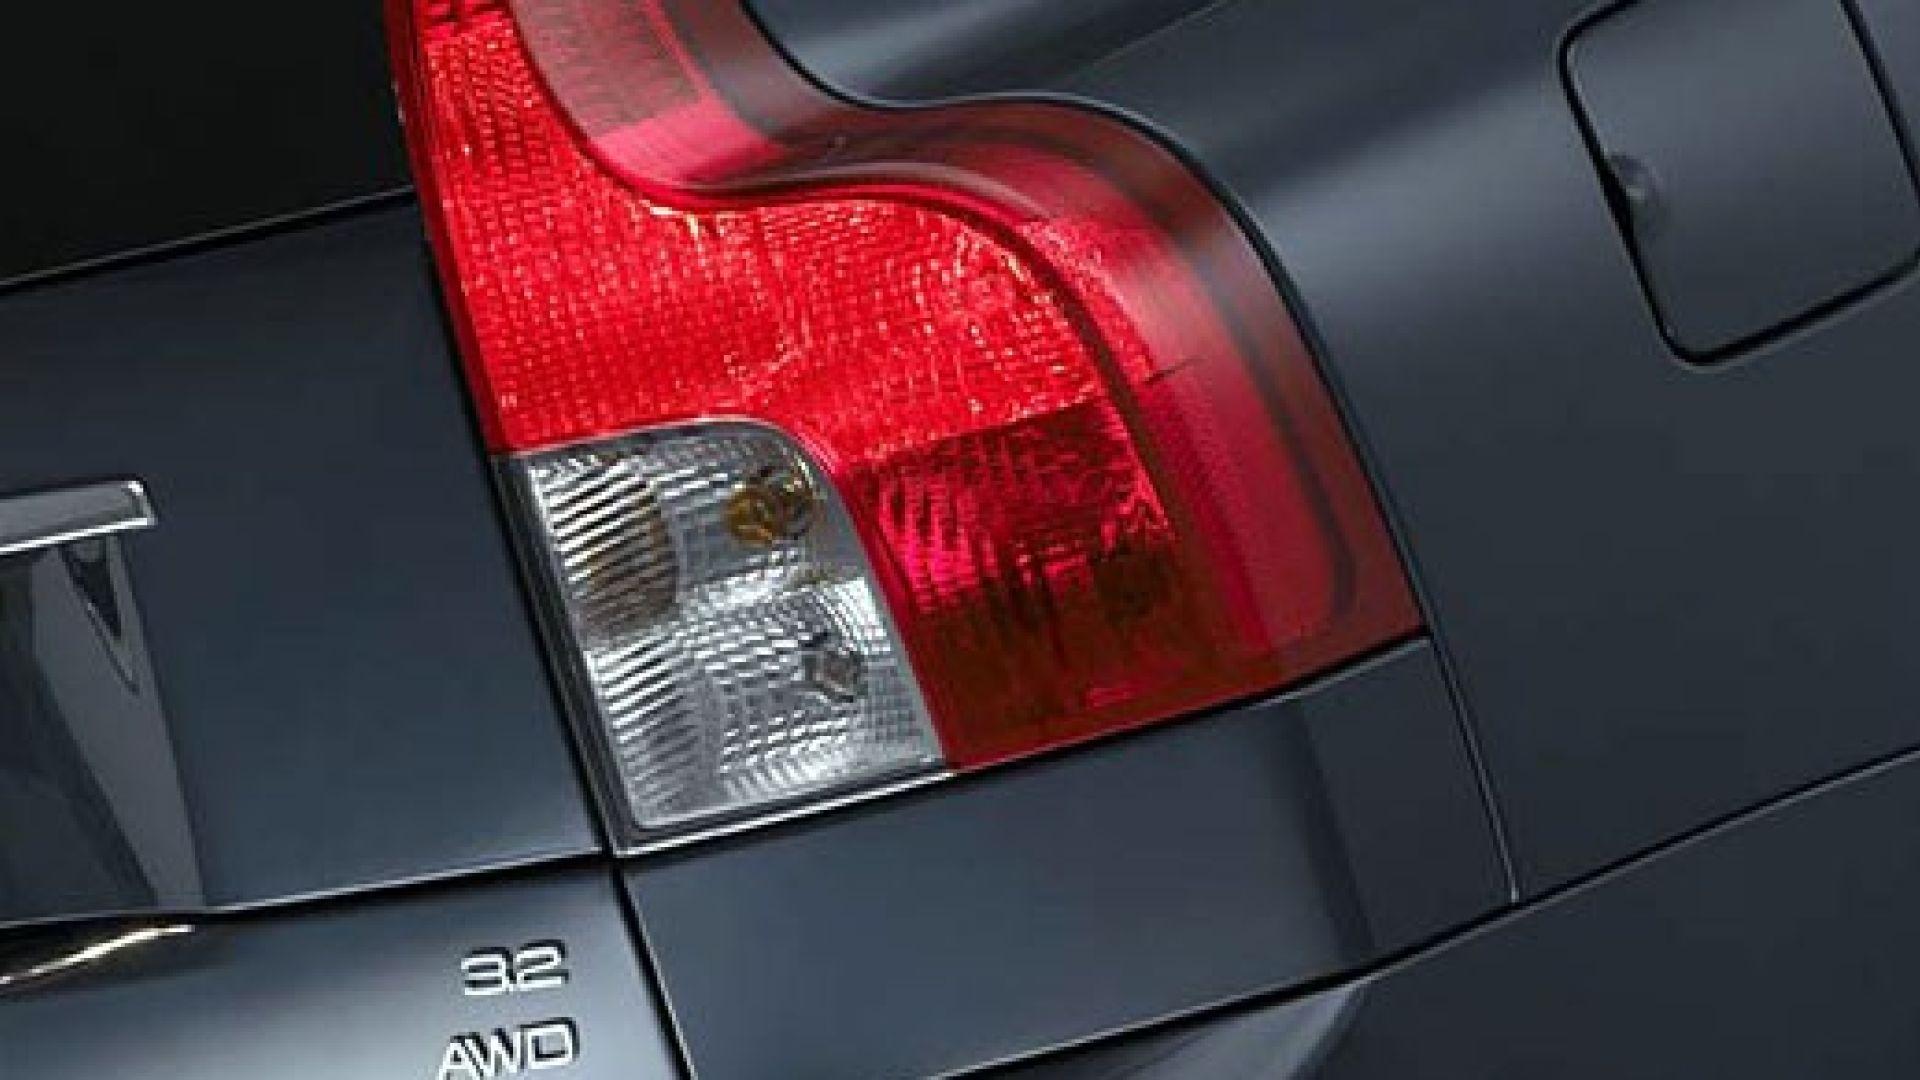 2007 Volvo S60 R >> Volvo XC90 2007 - MotorBox